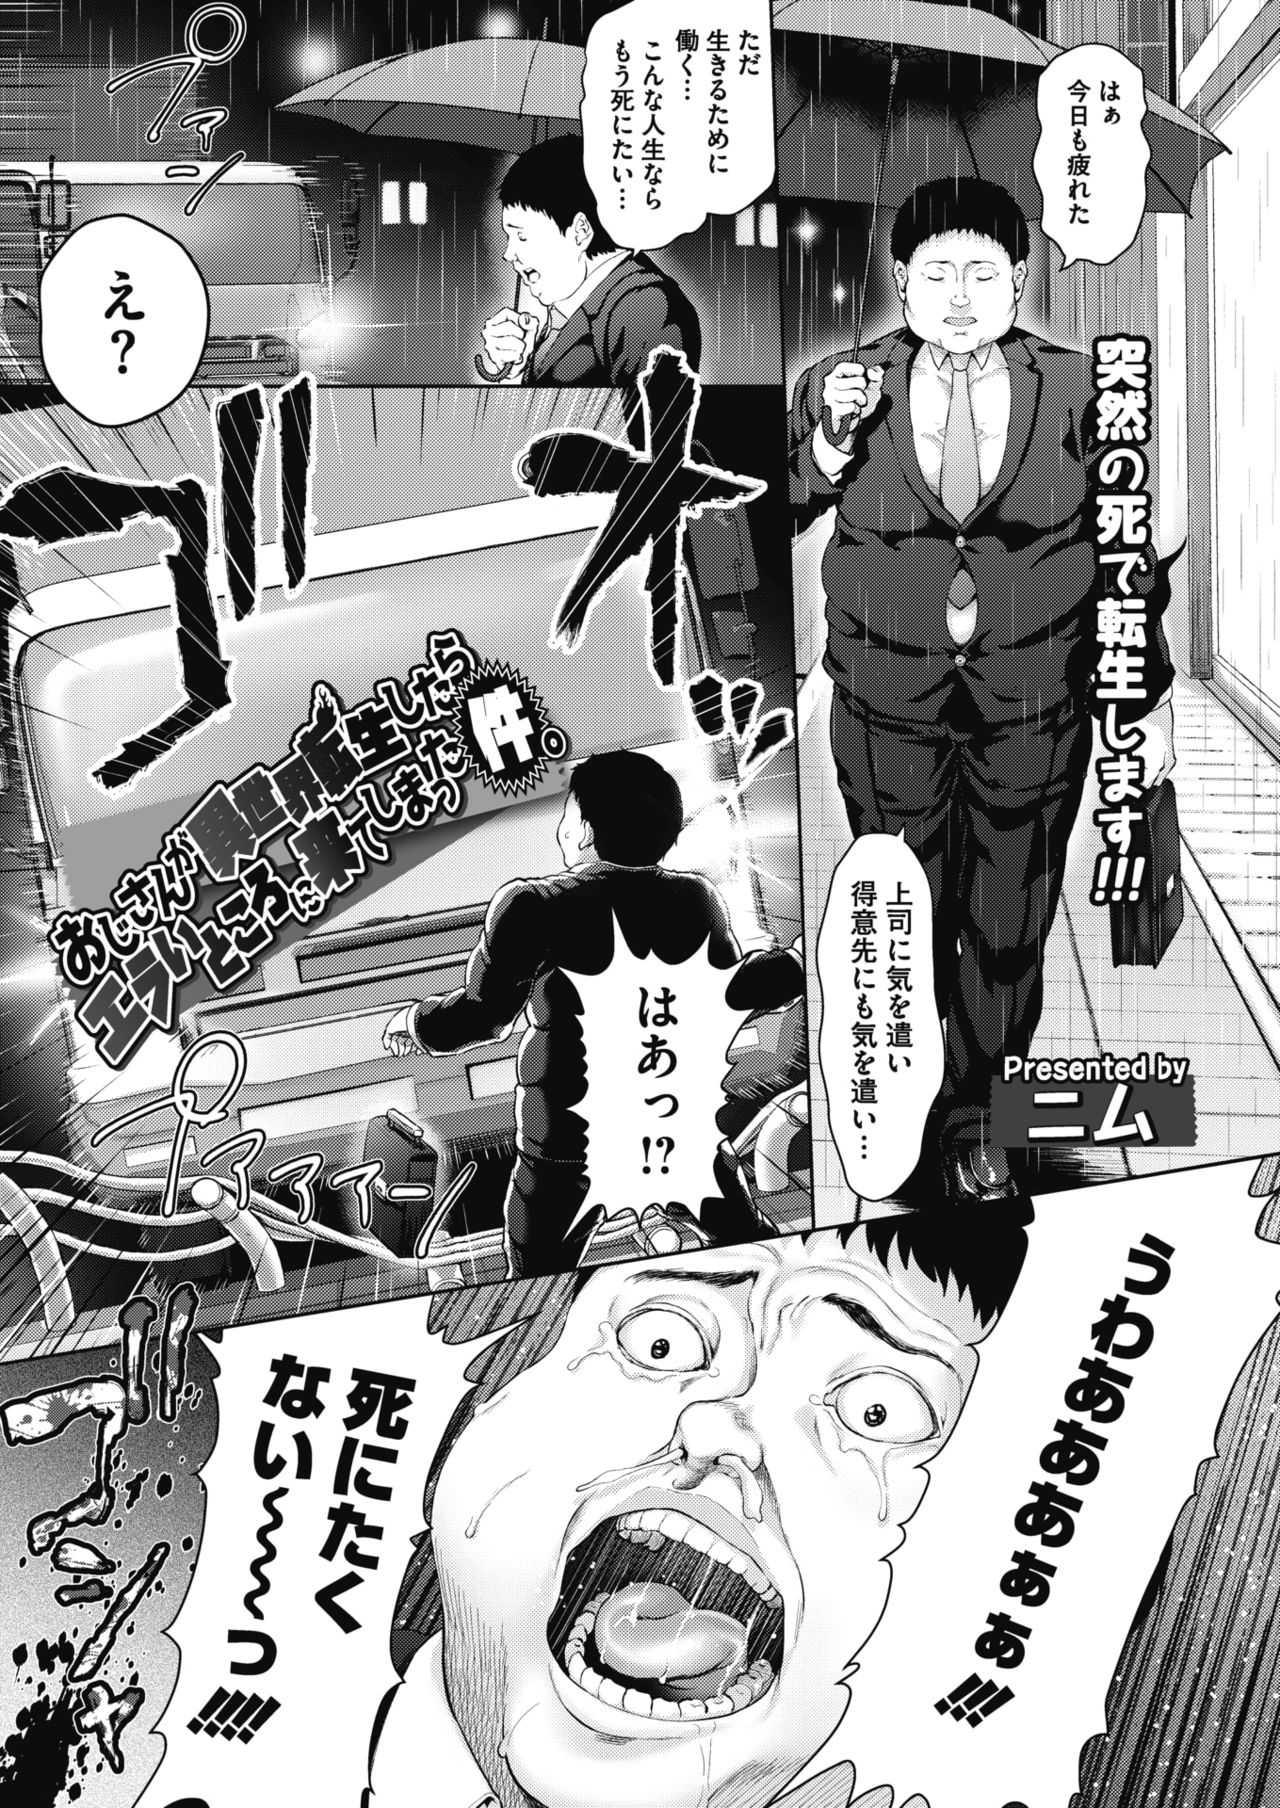 エロ 無職 漫画 転生